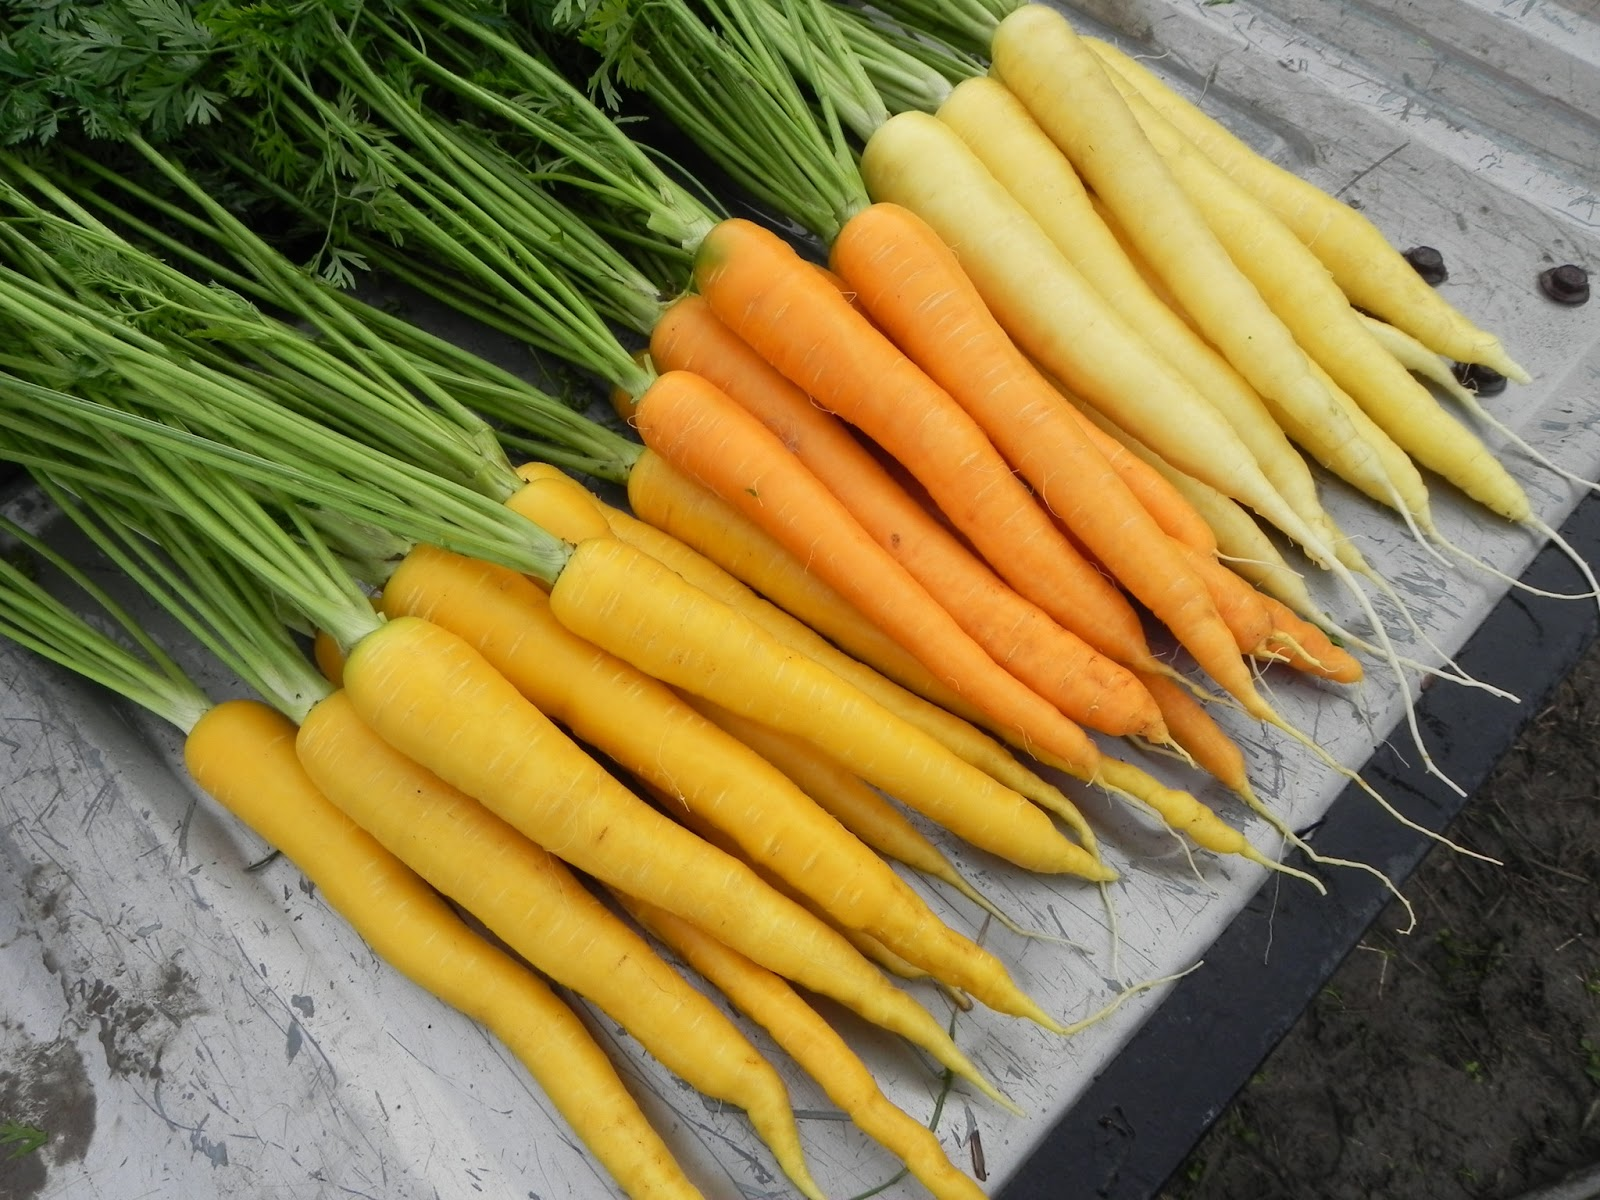 イタリア野菜の黄人参「ジャンヌドウブス」